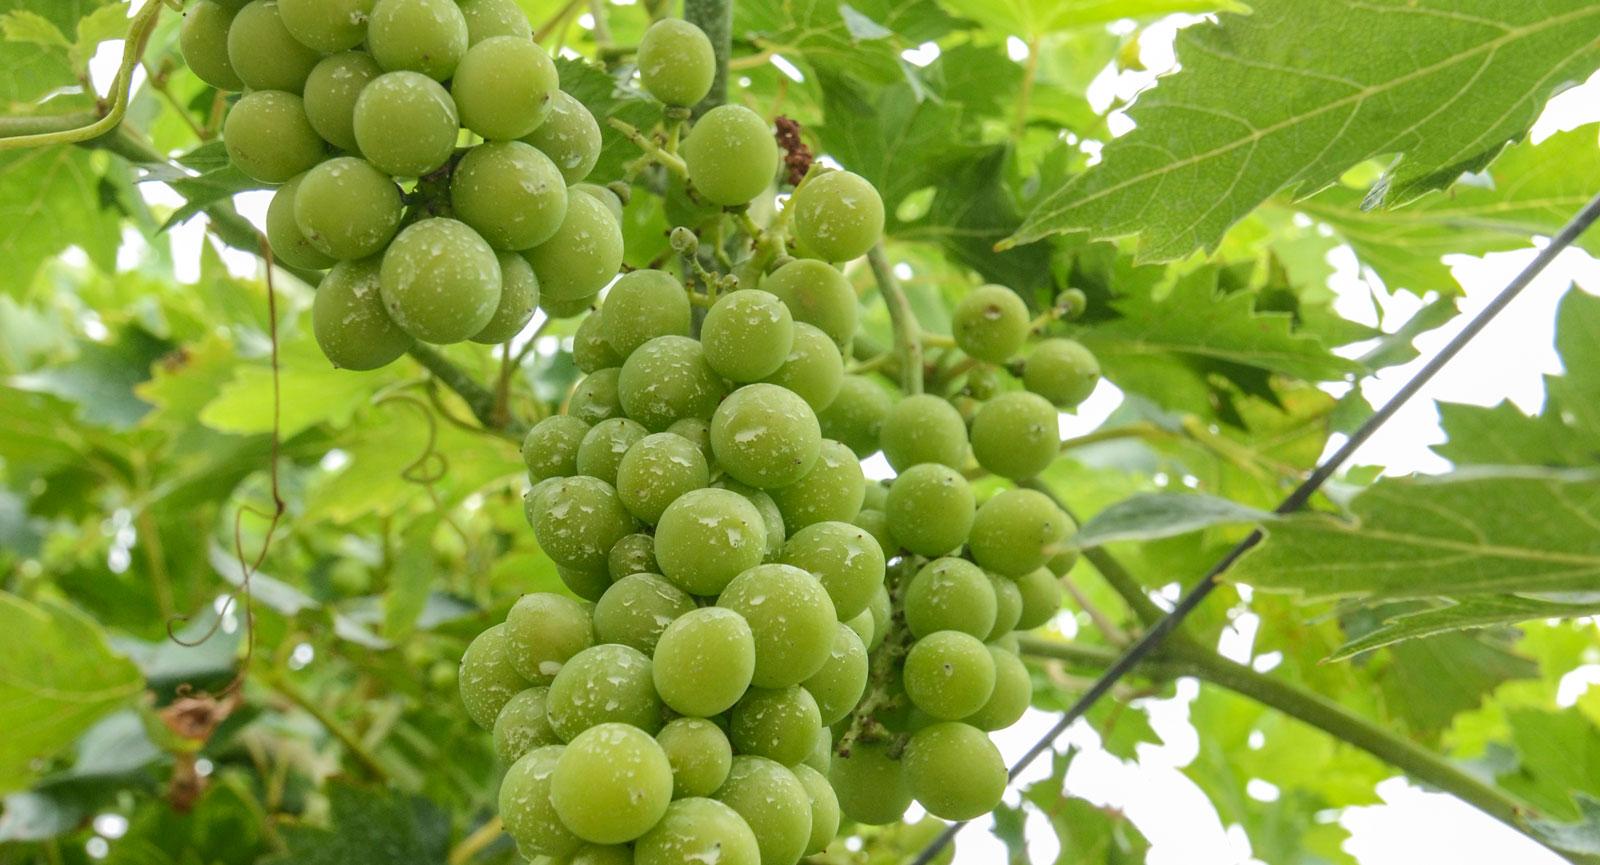 Små druvor med mindre mängd vatten i sig ger smakfullt vin.